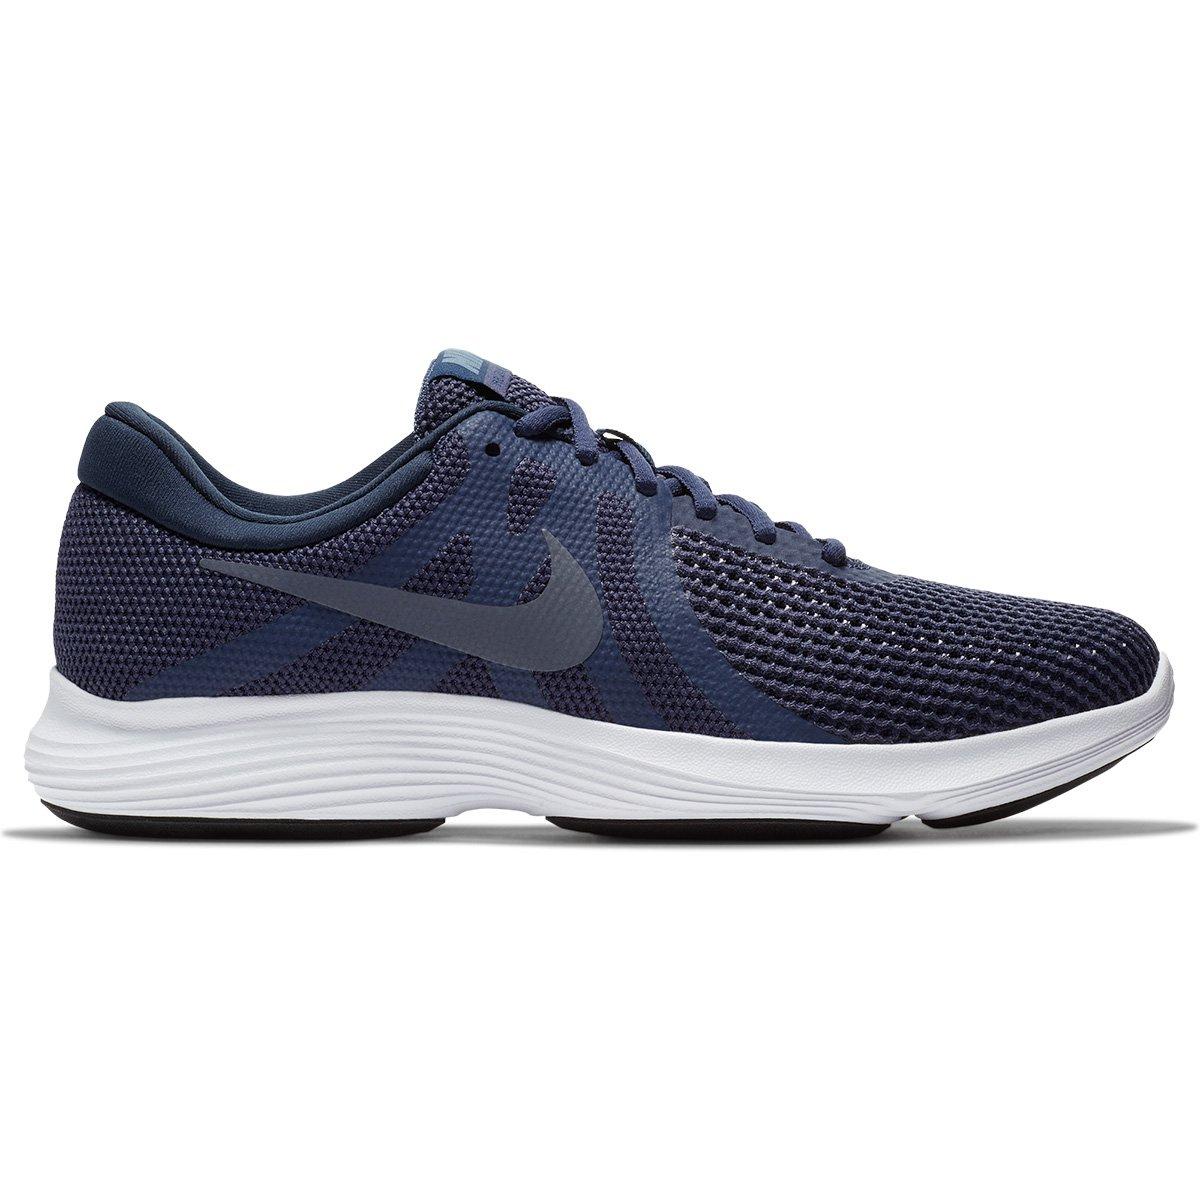 6c328599259 Tênis Nike Revolution 4 Masculino - Azul e Cinza - Compre Agora ...